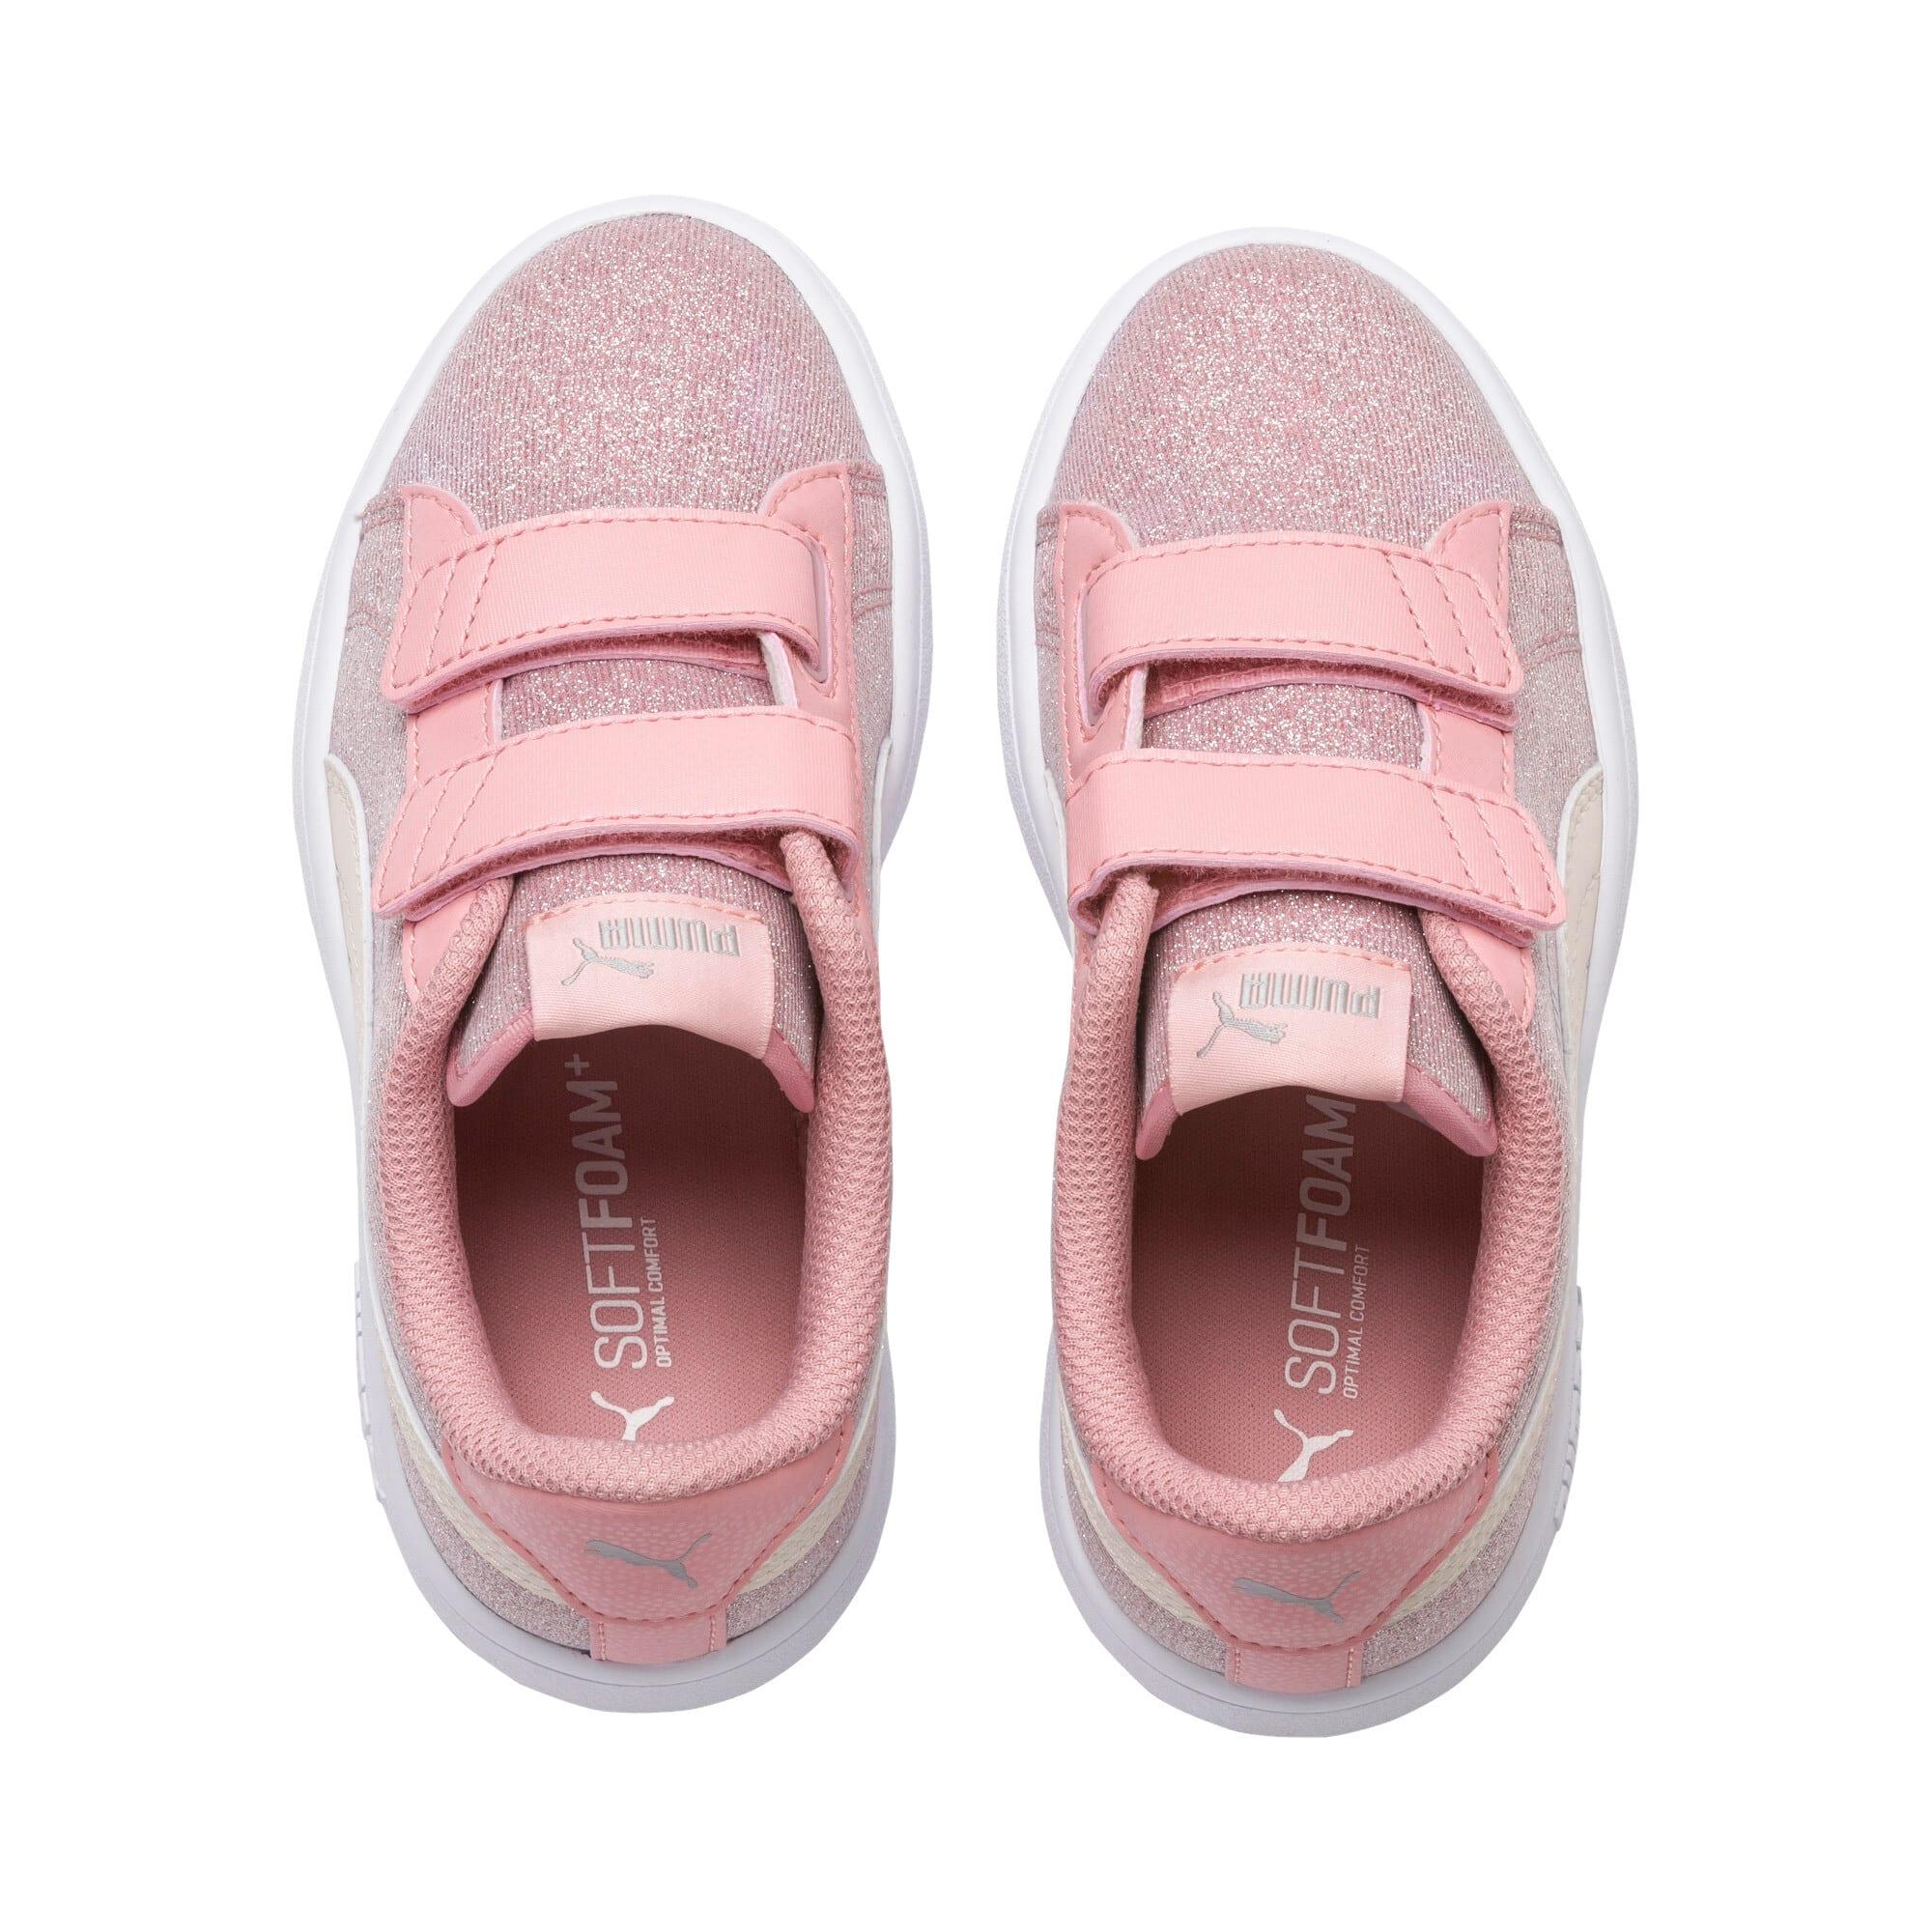 Thumbnail 6 of PUMA Smash v2 Glitz Glam Kids Mädchen Sneaker, B Rose-P Parchment-Silv-Wht, medium